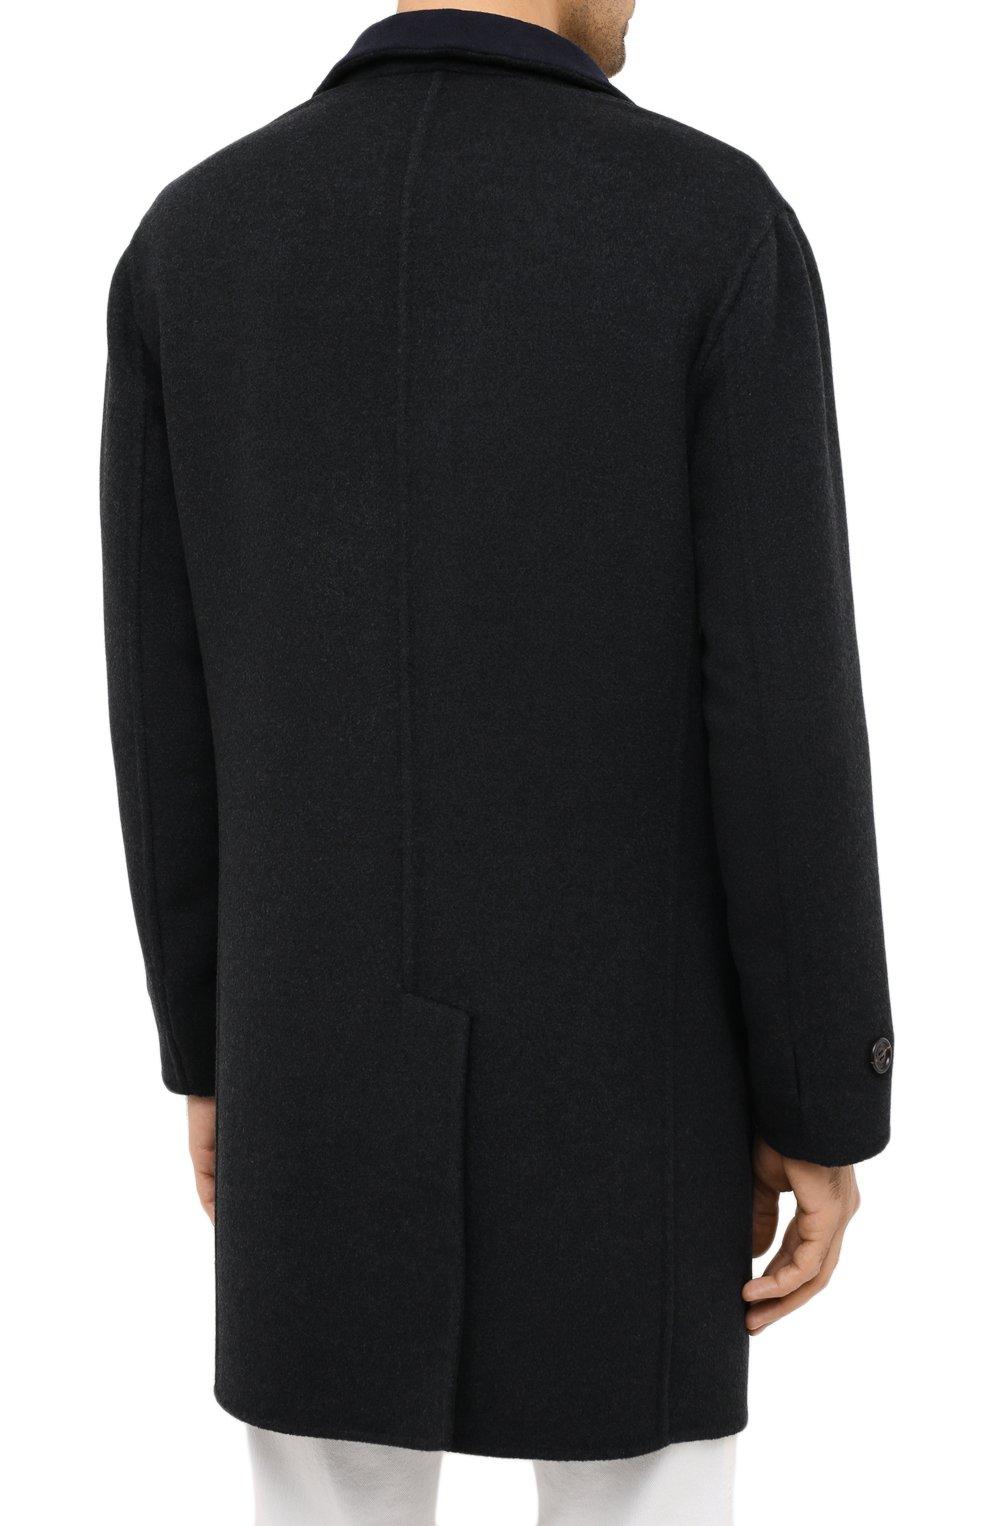 Мужской двустороннее кашемировое пальто BRUNELLO CUCINELLI темно-серого цвета, арт. ML4549947   Фото 5 (Материал внешний: Шерсть, Кашемир; Рукава: Длинные; Длина (верхняя одежда): До середины бедра; Мужское Кросс-КТ: Верхняя одежда, пальто-верхняя одежда; Стили: Кэжуэл; Статус проверки: Проверена категория)